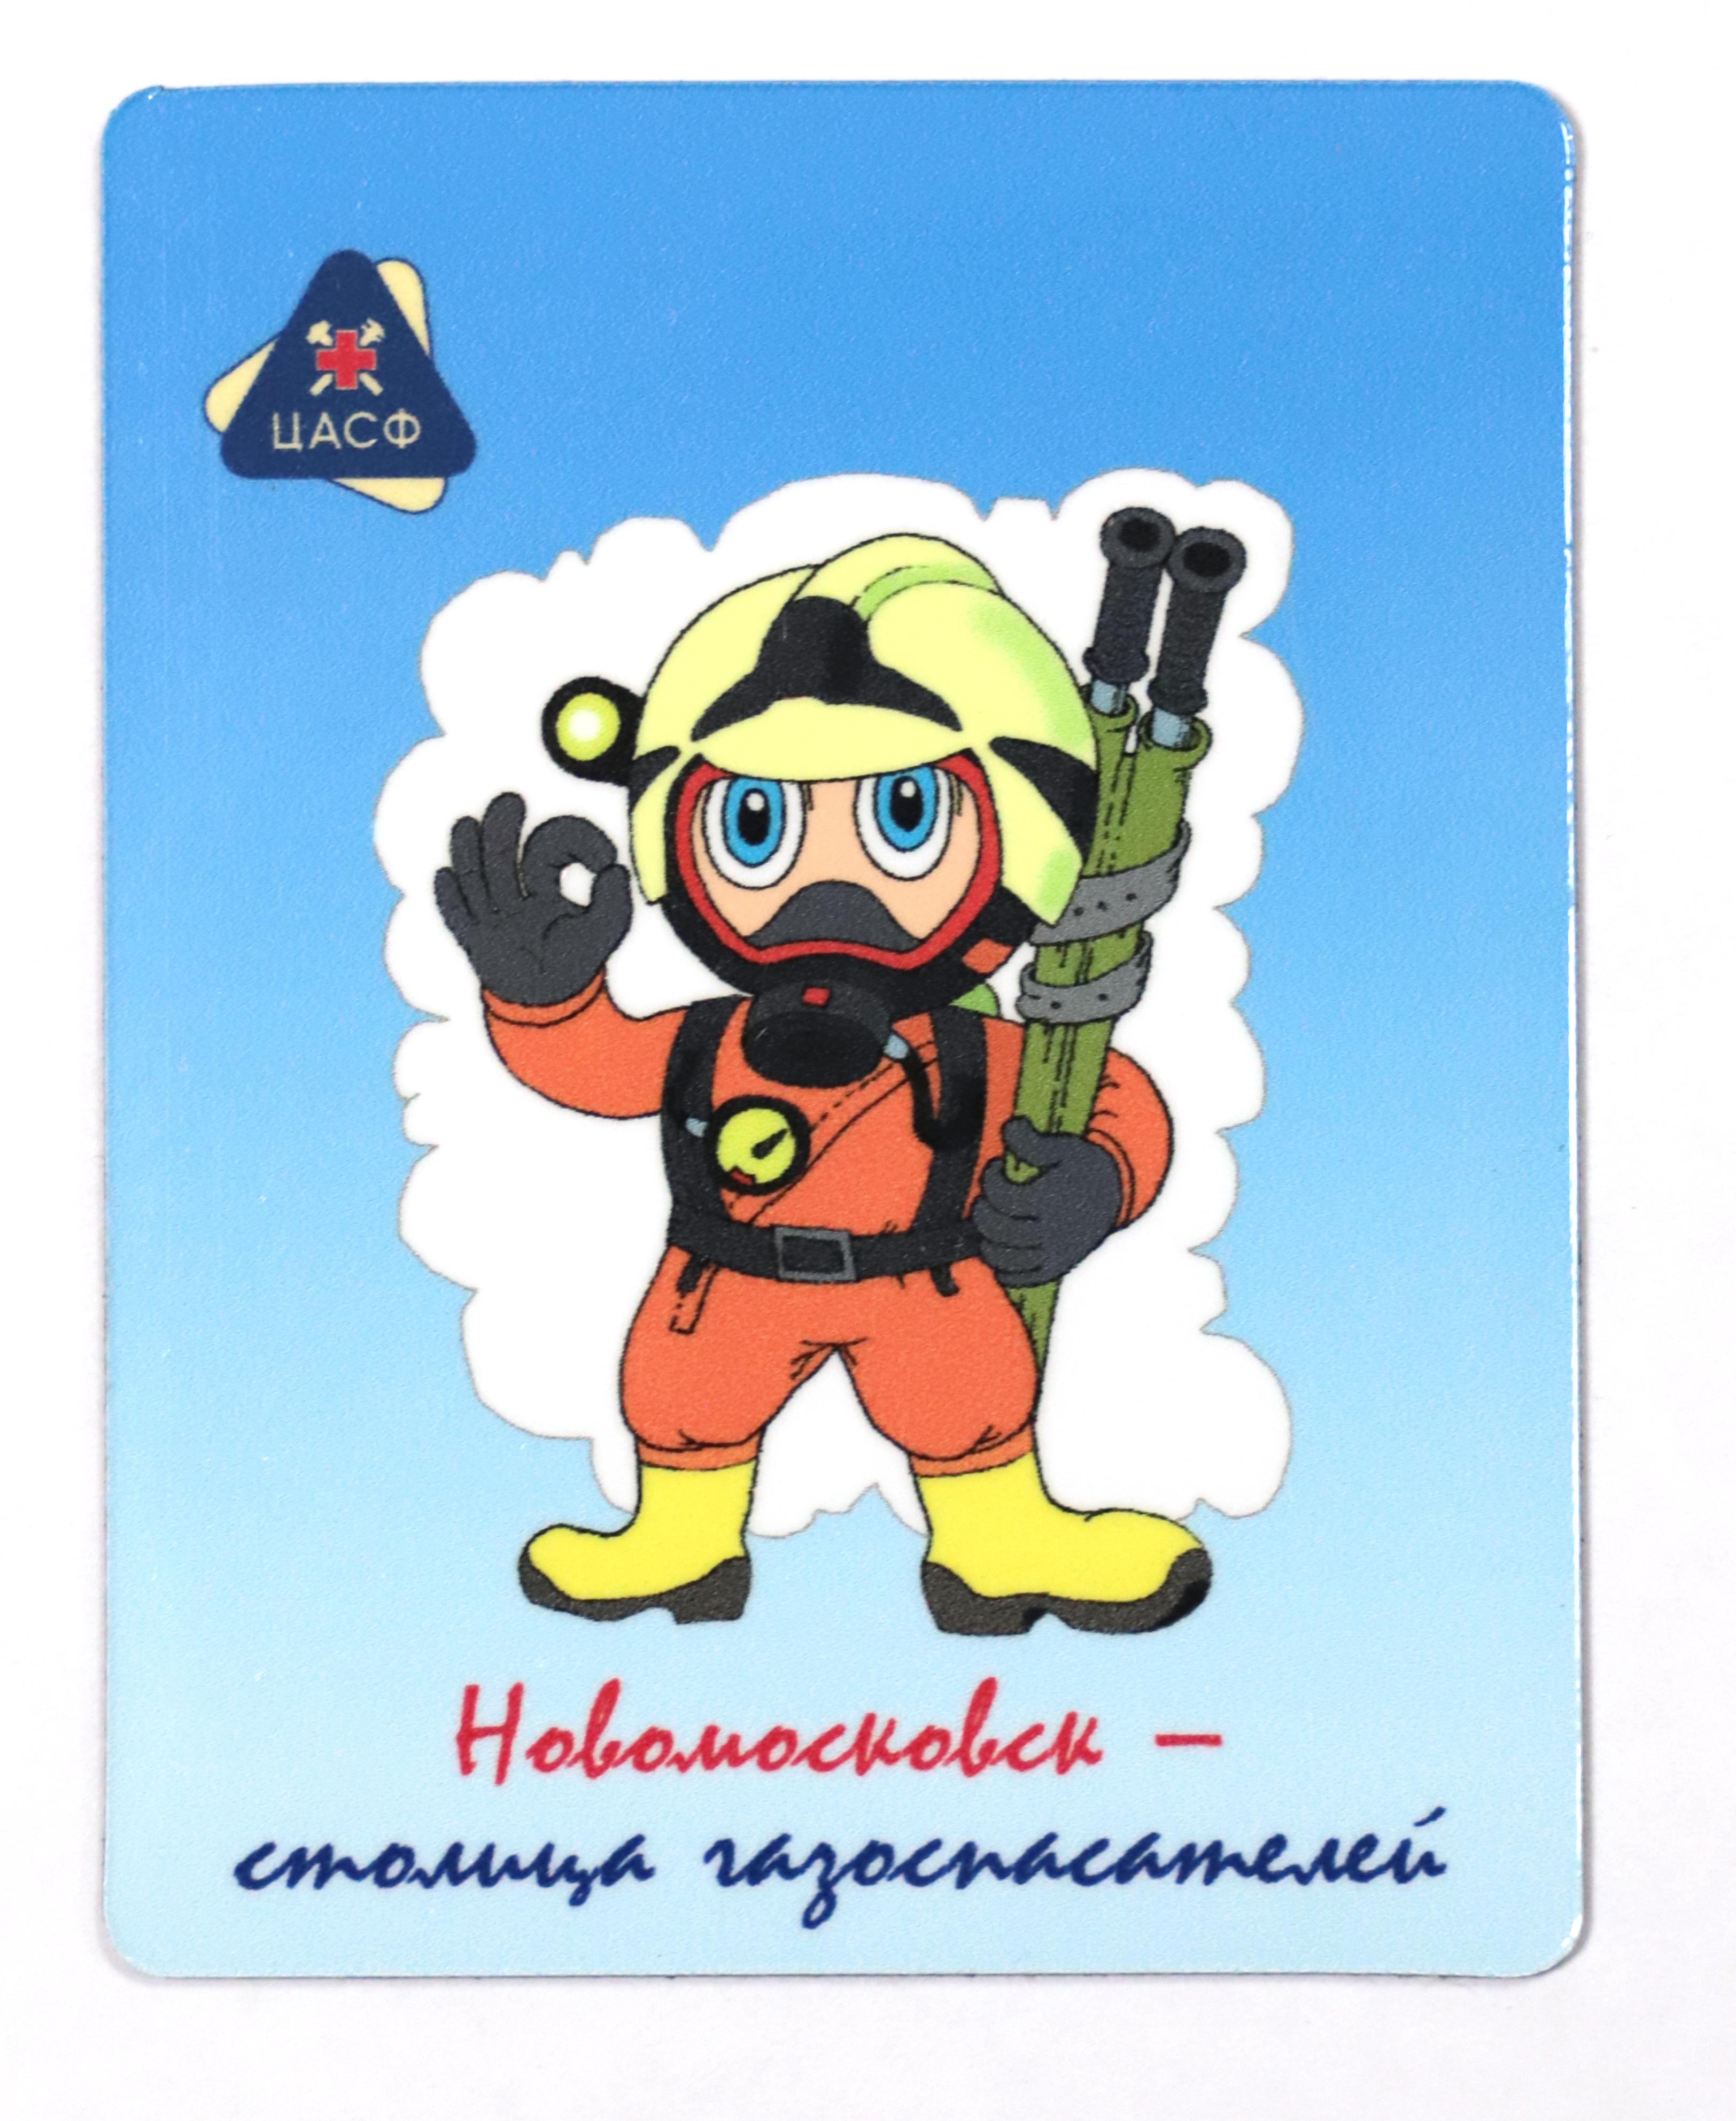 Магнит Новомосковск - столица газоспасателей